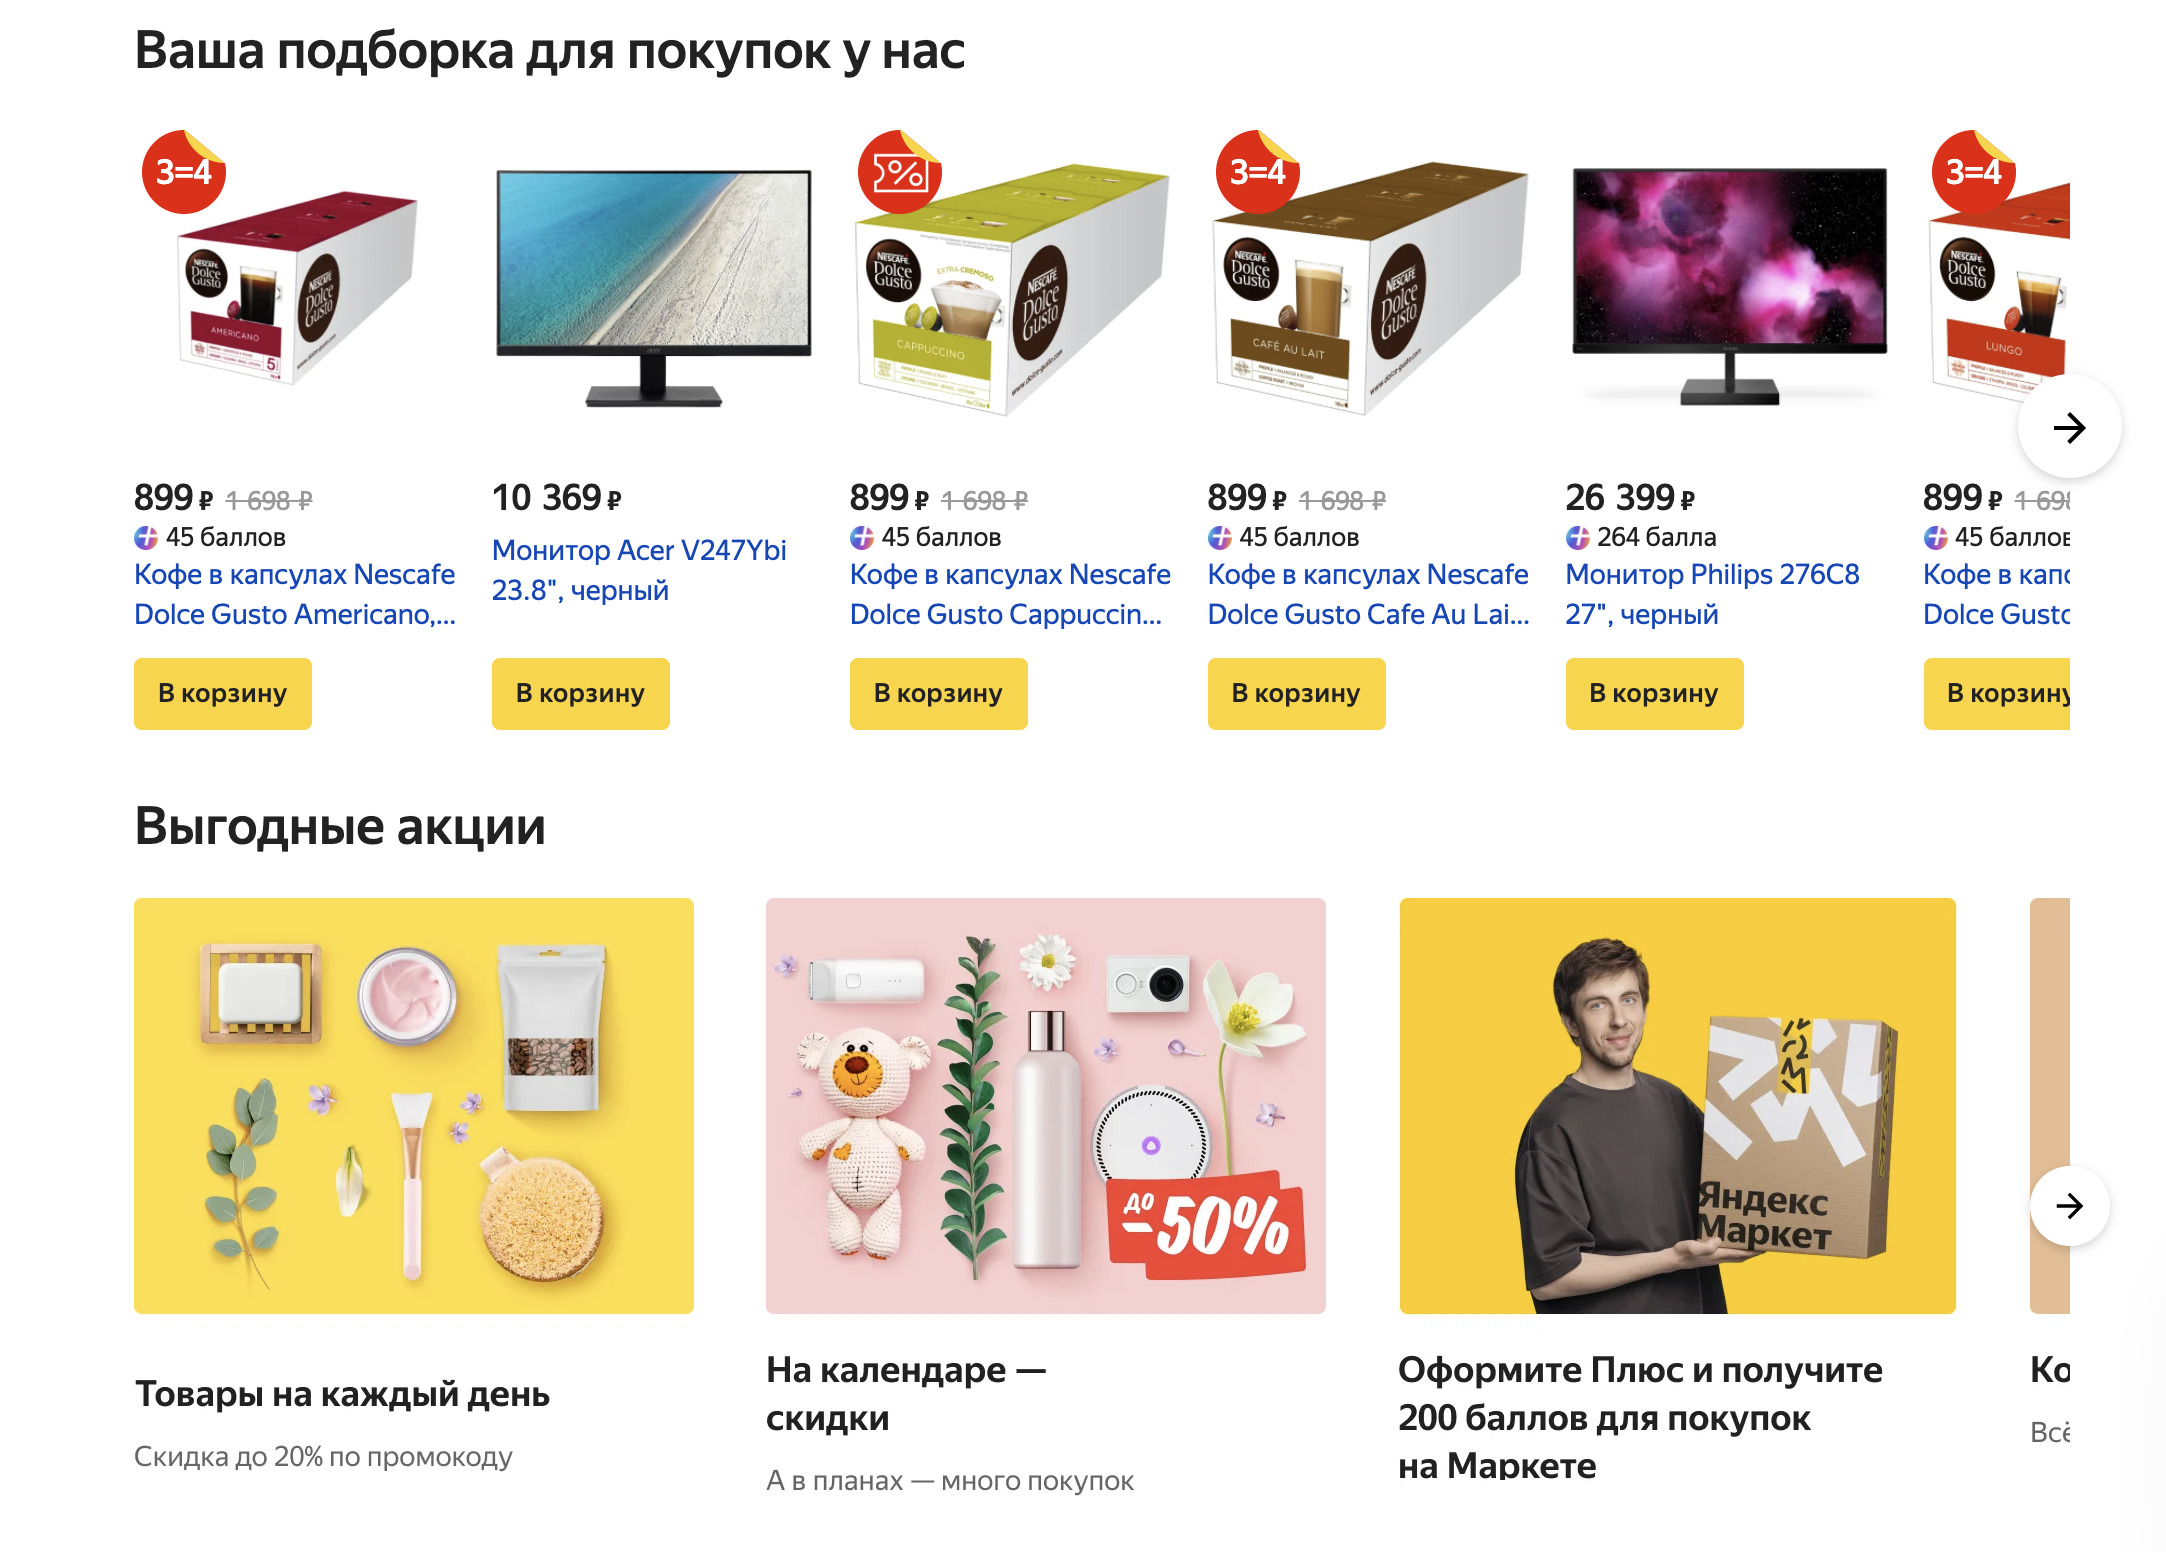 Доставка из Яндекс.Маркет в Раменское, сроки, пункты выдачи, каталог